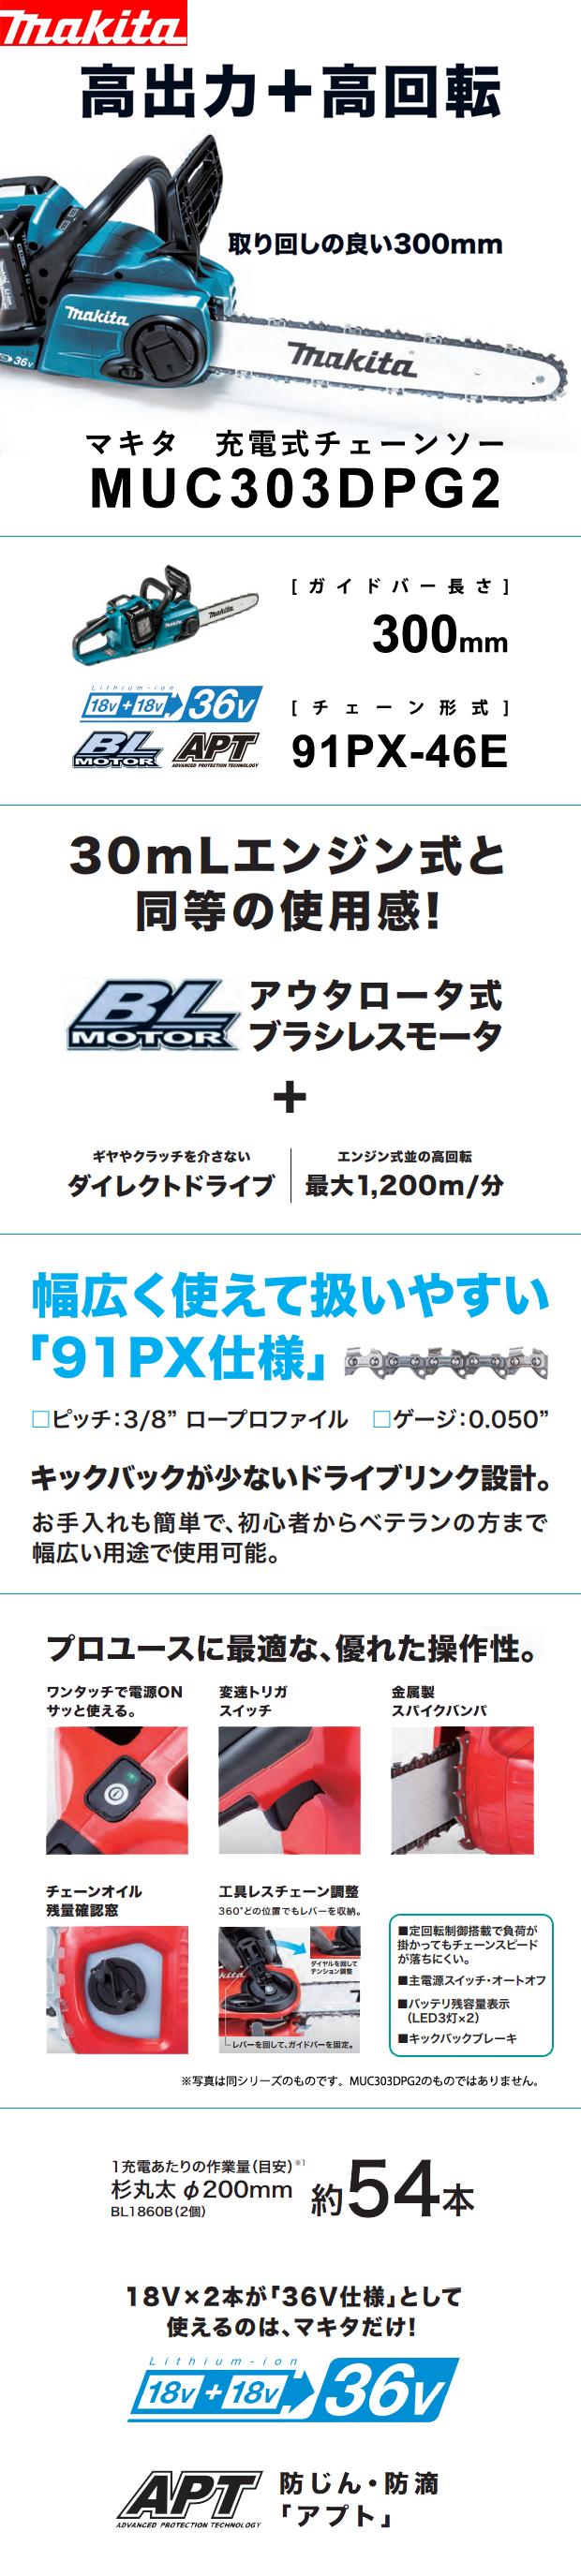 マキタ 18V×2=36V充電式チェーンソー MUC303DPG2